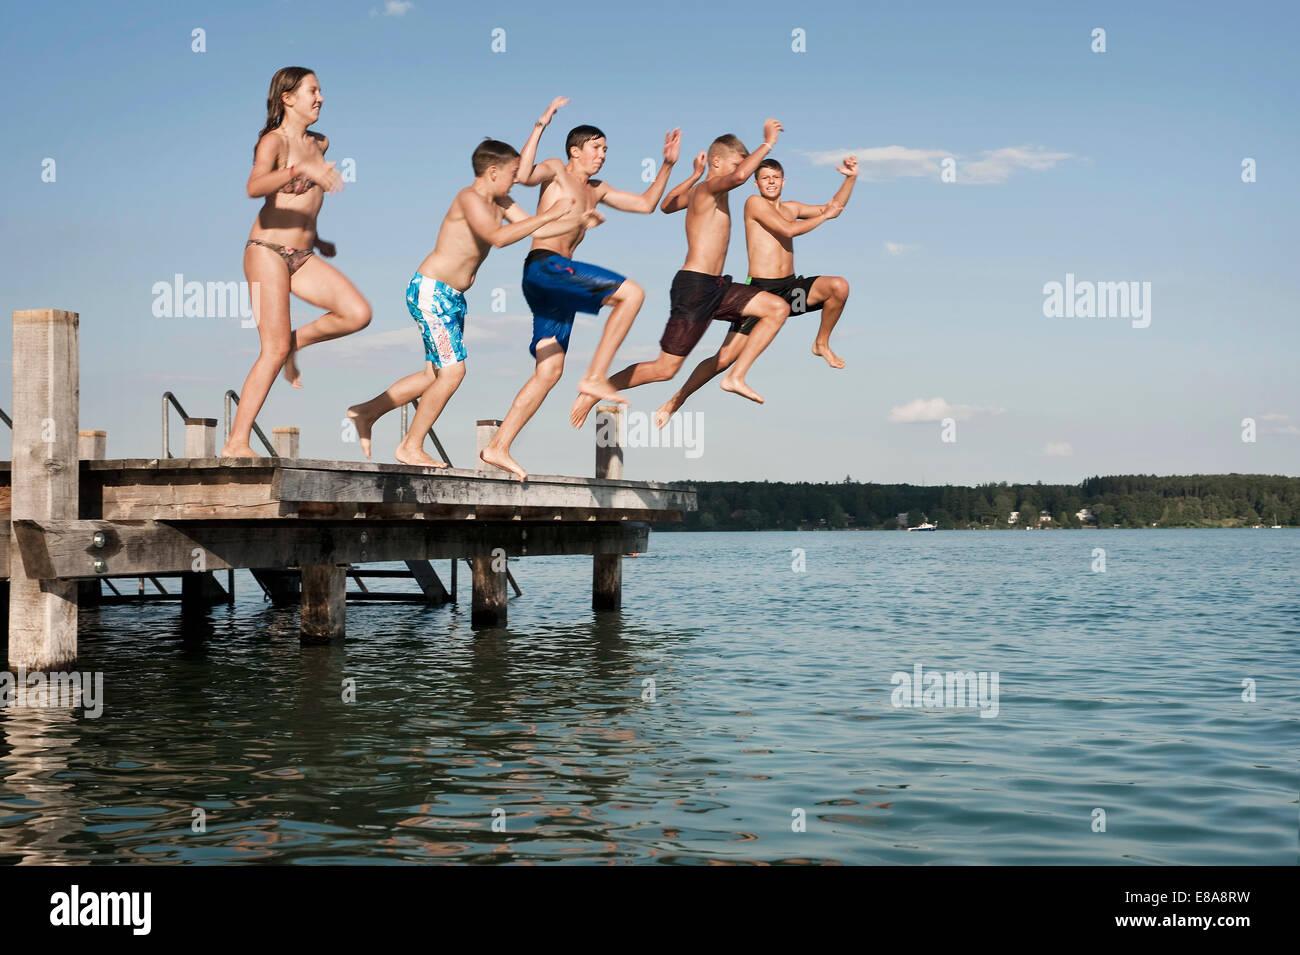 Fünf Jugendliche springen von einer Anlegestelle in See Stockbild